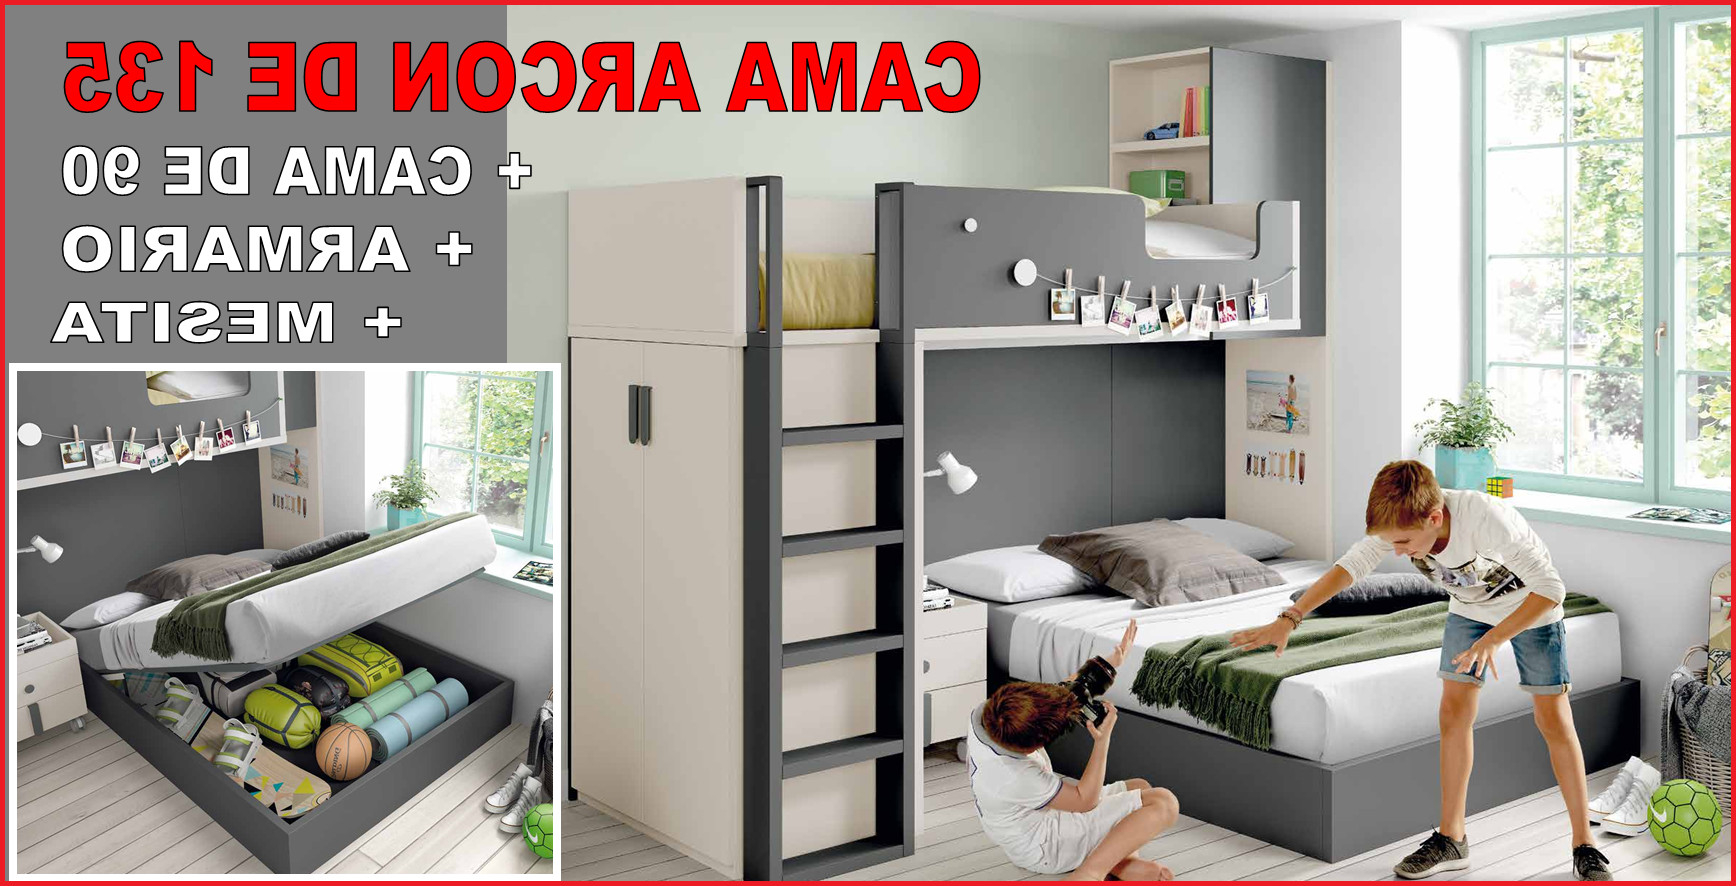 Tiendas De Muebles En Fuengirola Gdd0 Tiendas De Muebles Fuengirola Muebles En Malaga torremolinos